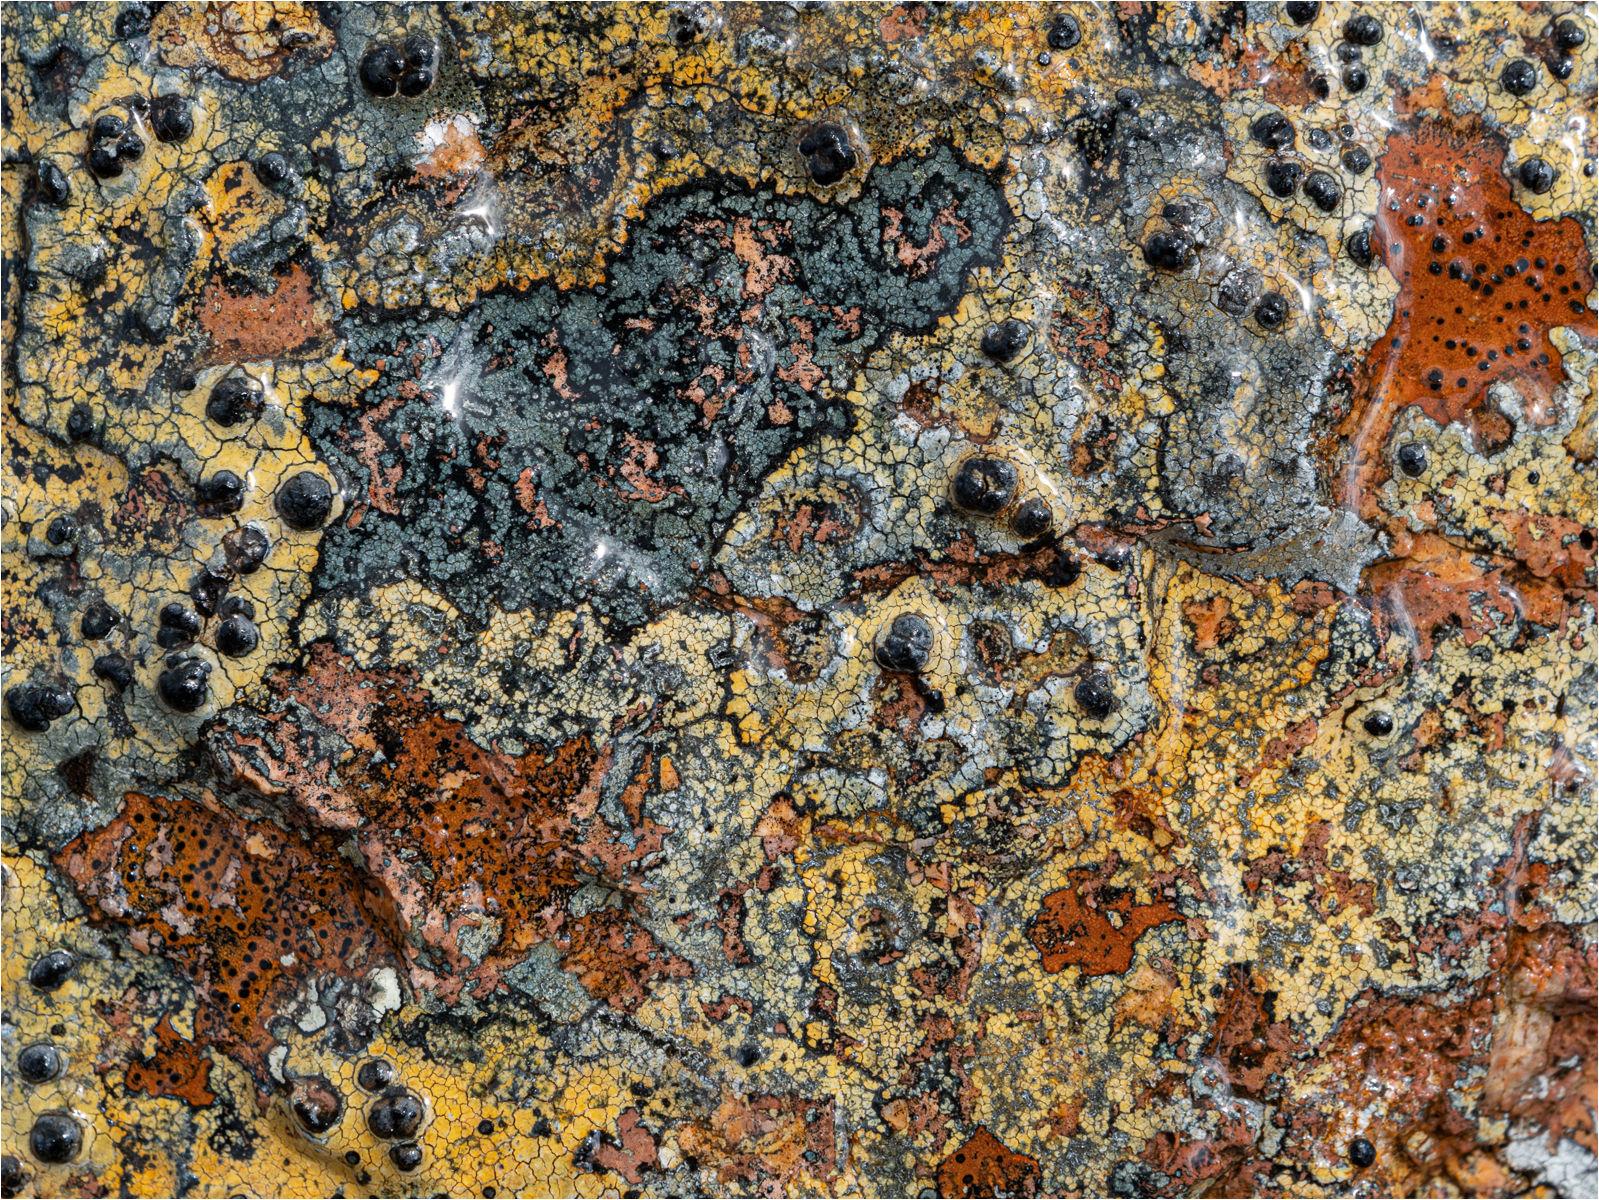 Lichen patterns